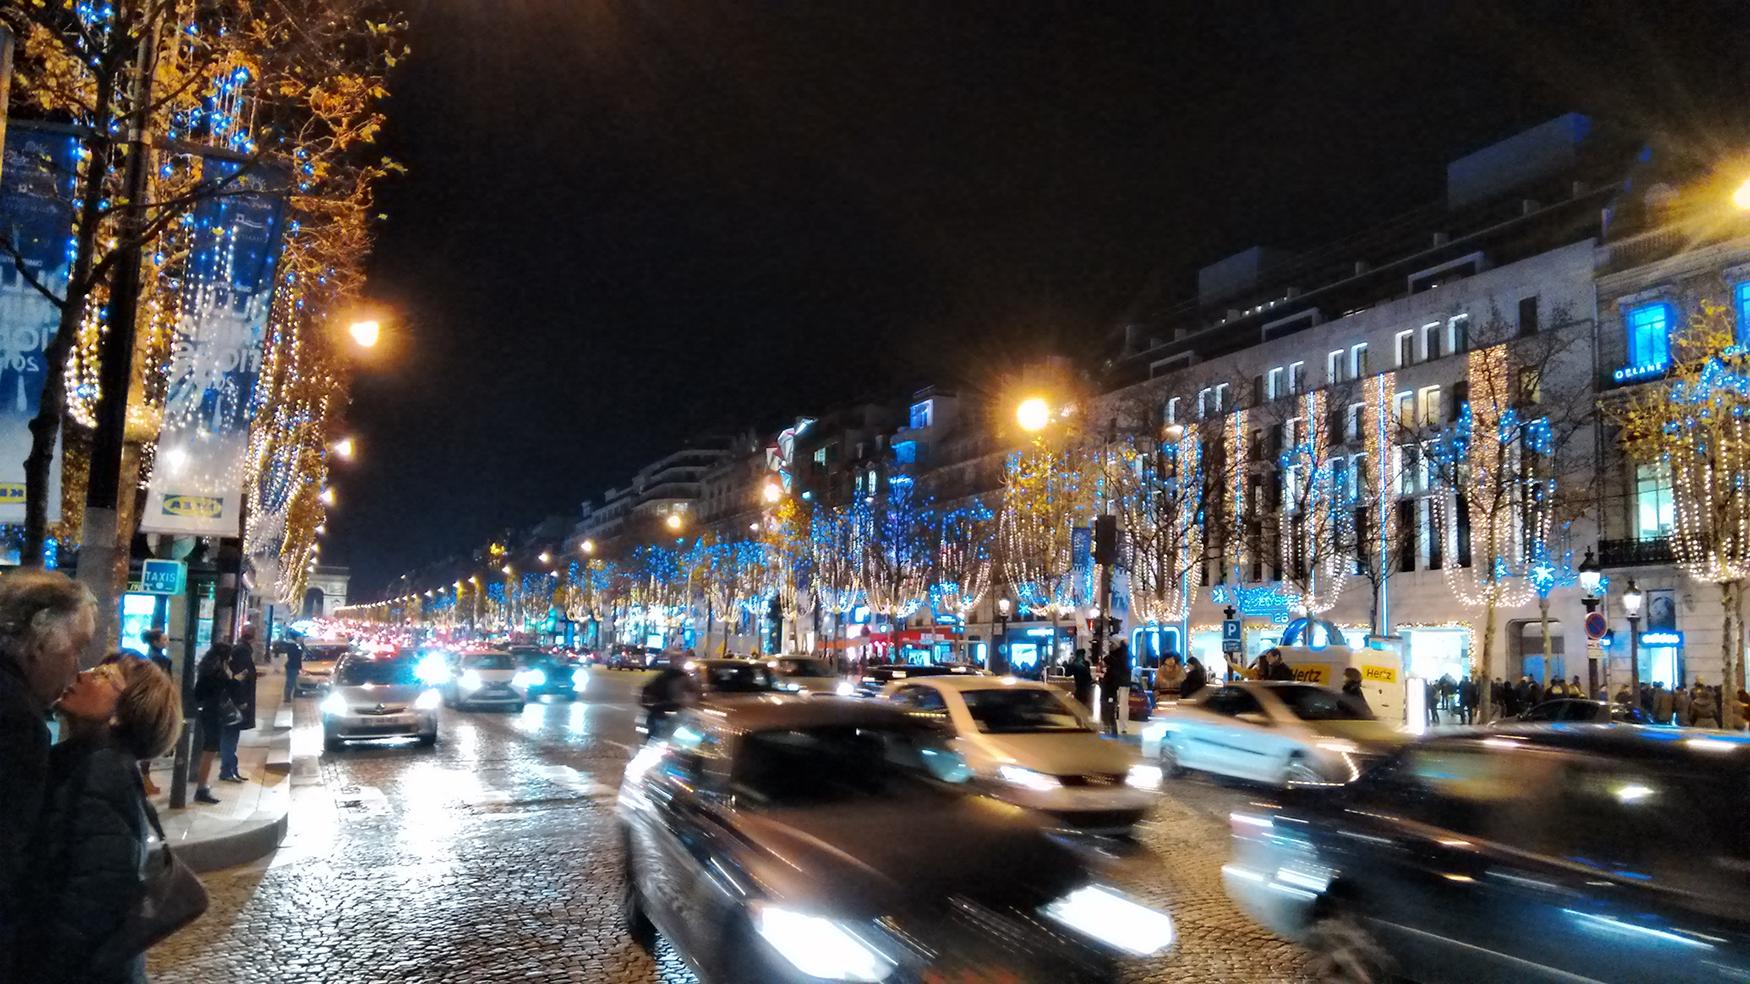 Karácsonyi vásár Párizsban (Fotó: Szerencsés Hella)